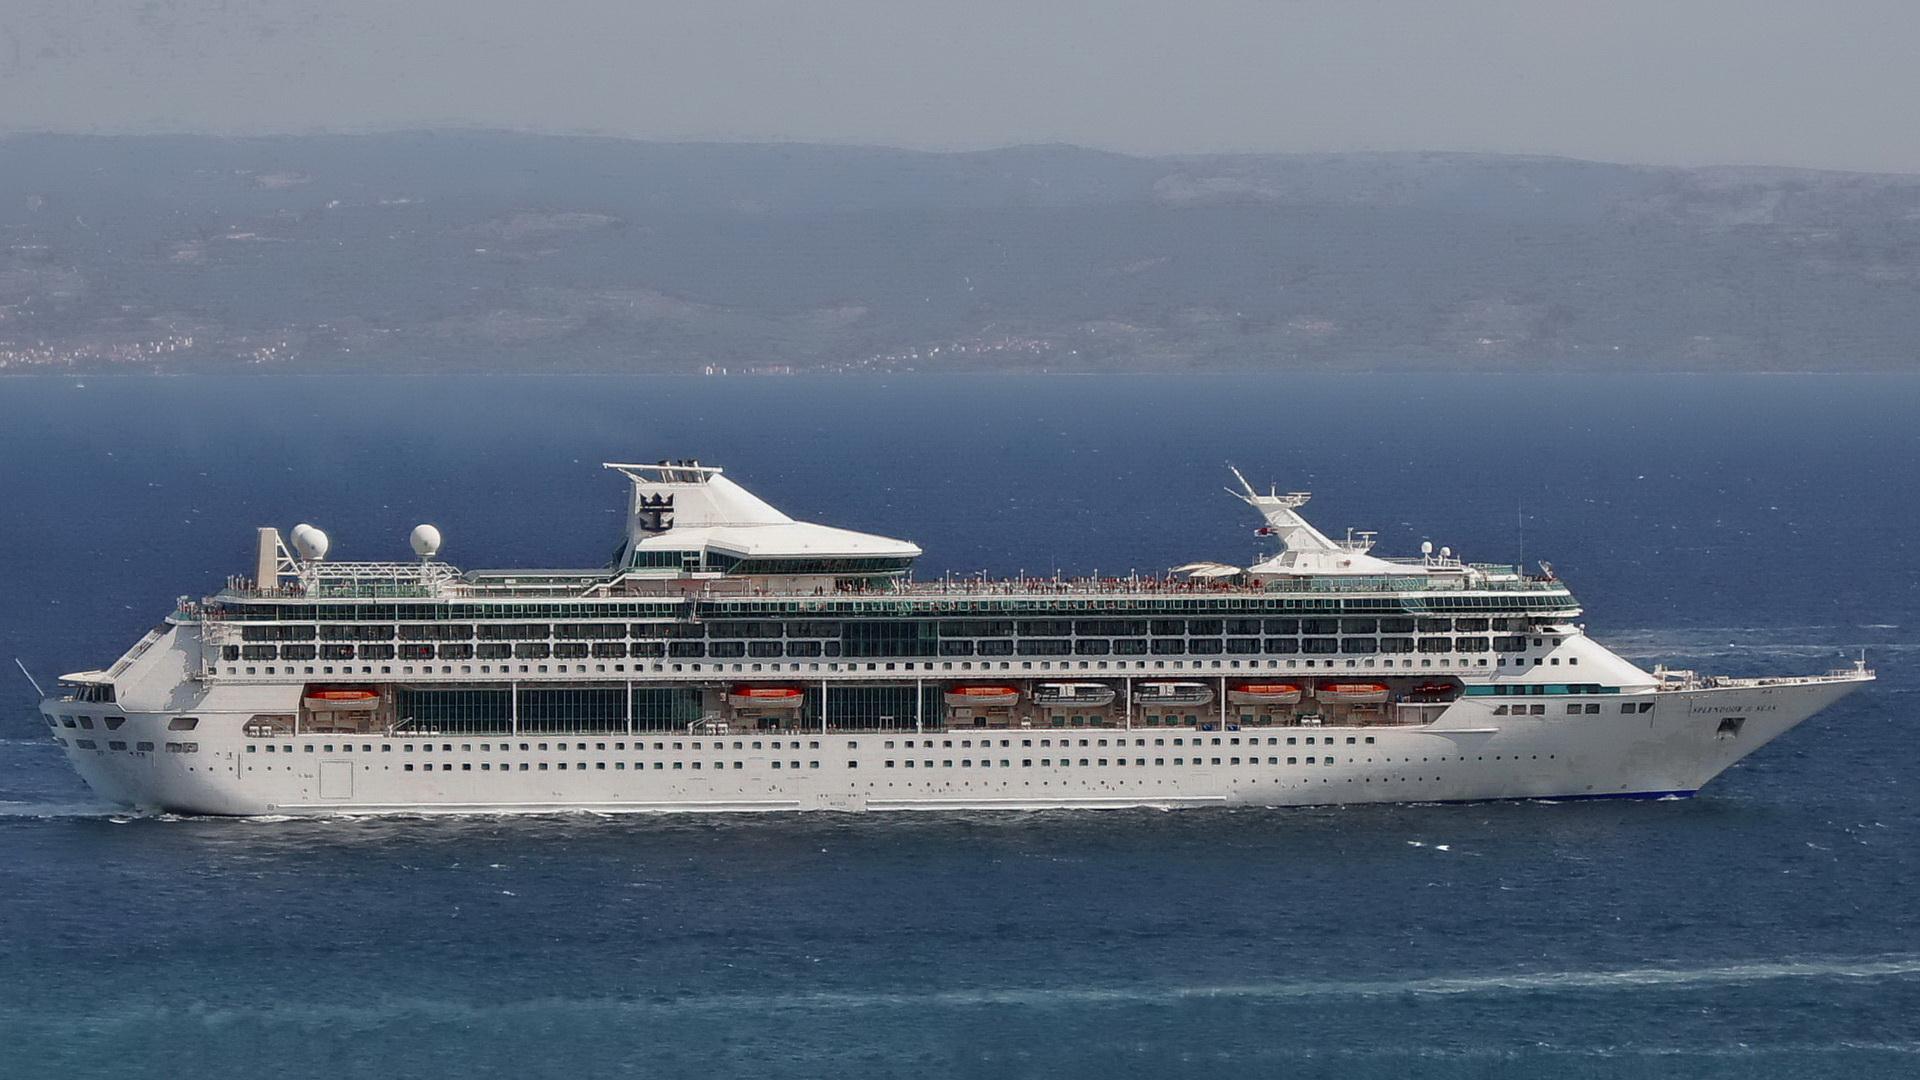 MS Splendour of the Seas.